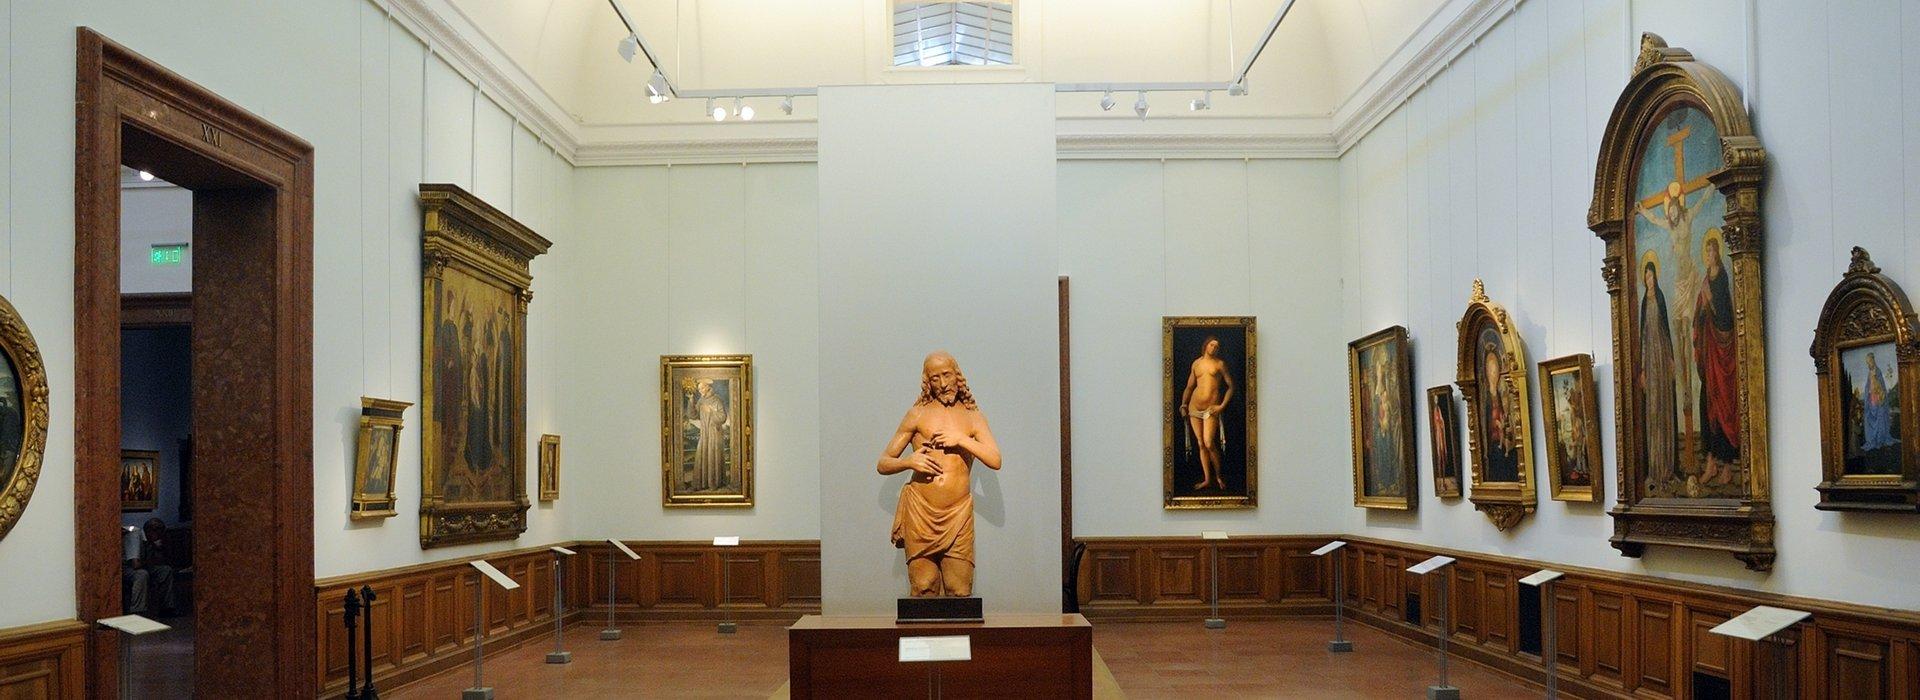 Budapest Ausstellungen & Galerien – Ausstellungssäle & Galerien